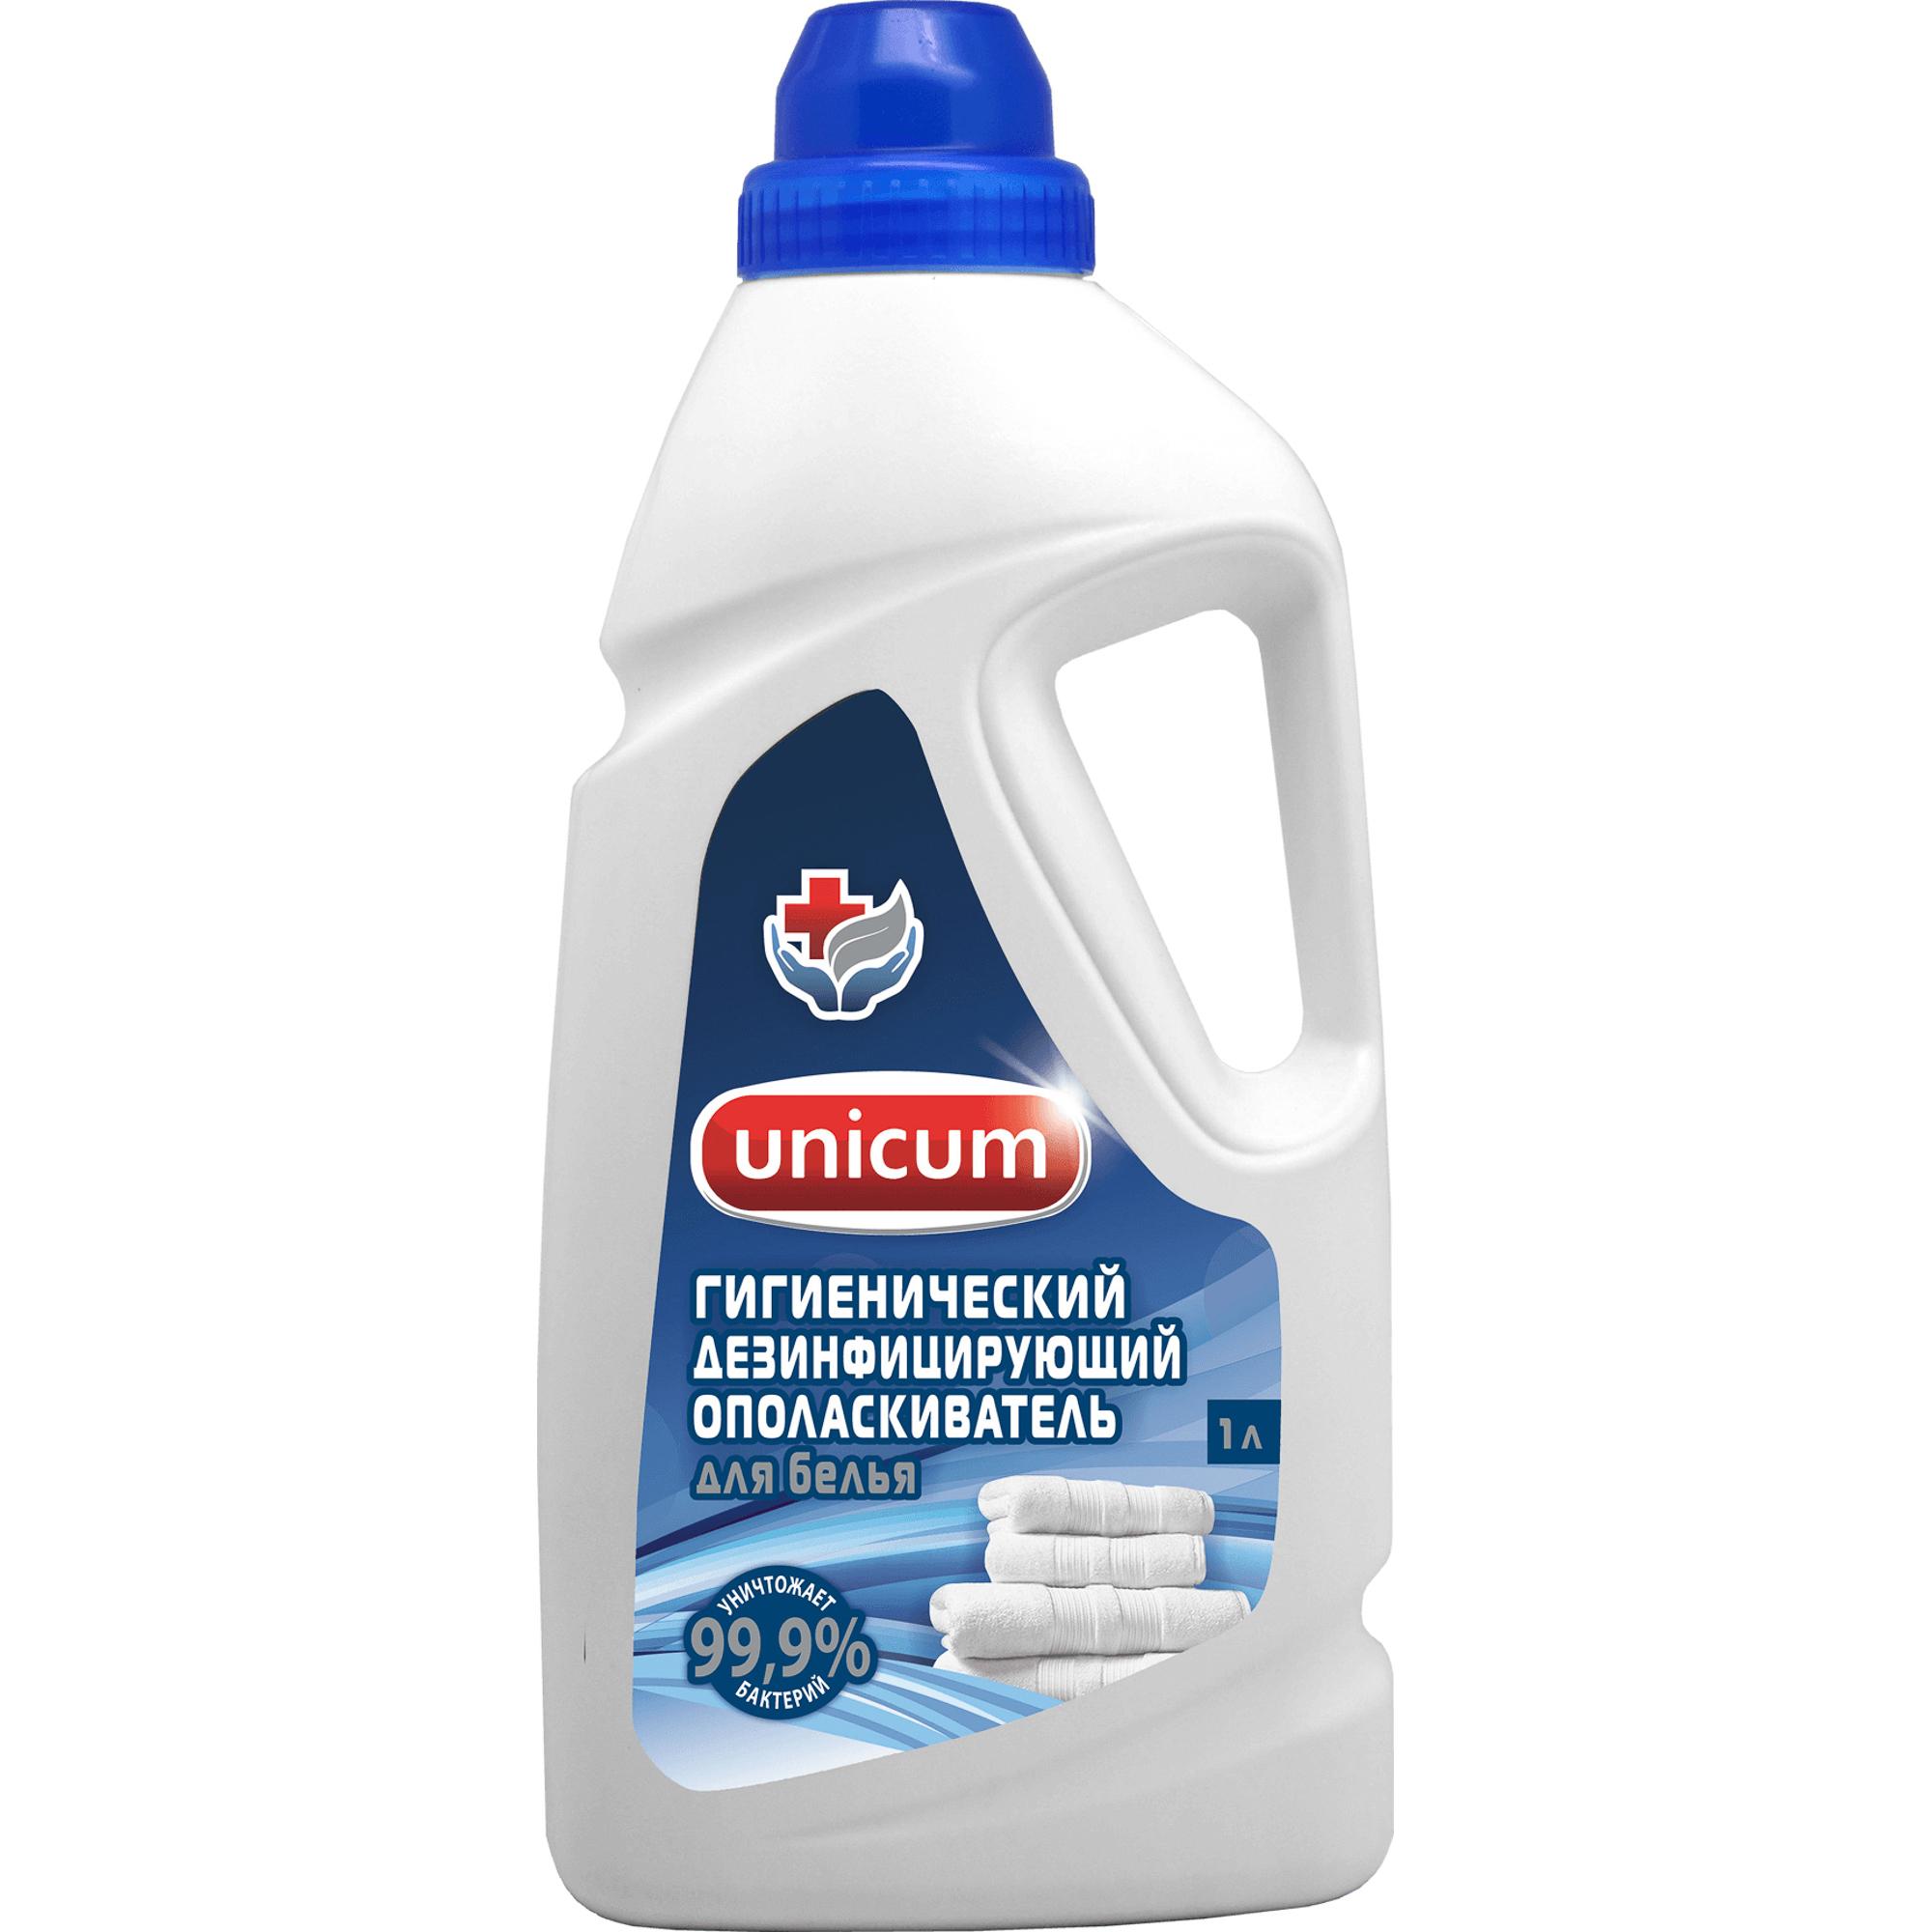 Ополаскиватель для белья UNICUM Гигиенический дезинфицирующий 1 л